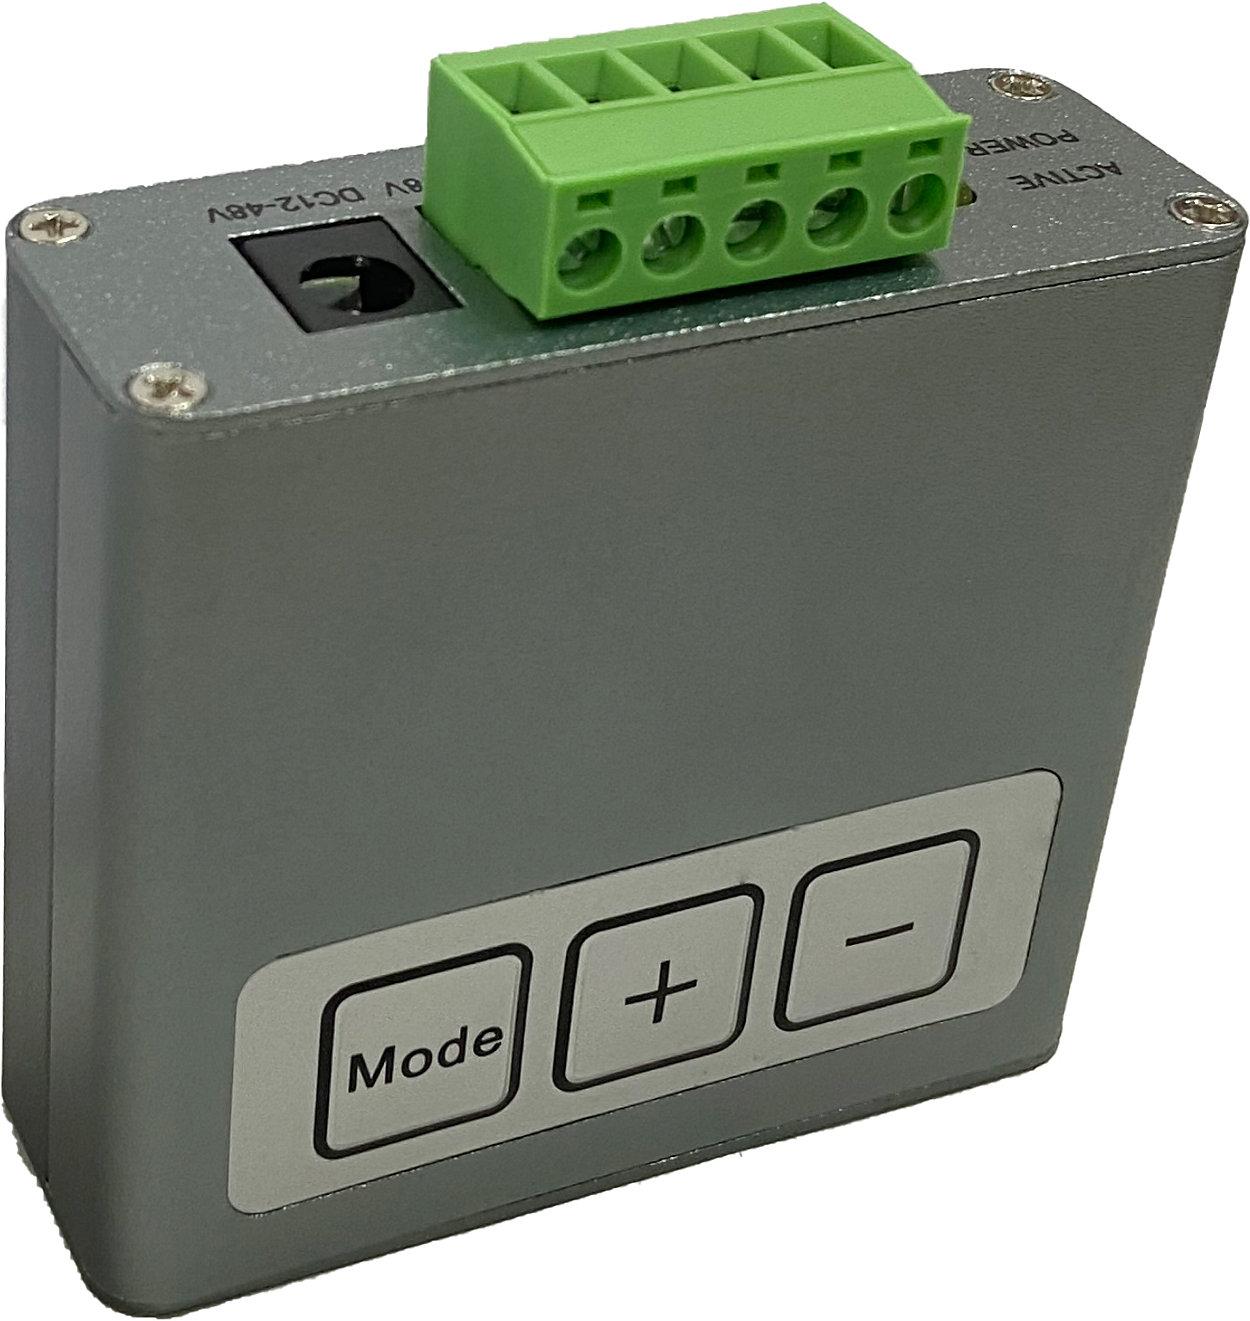 Средства управления DMX для архитектурного освещения и аксессуары для прокладки проводов